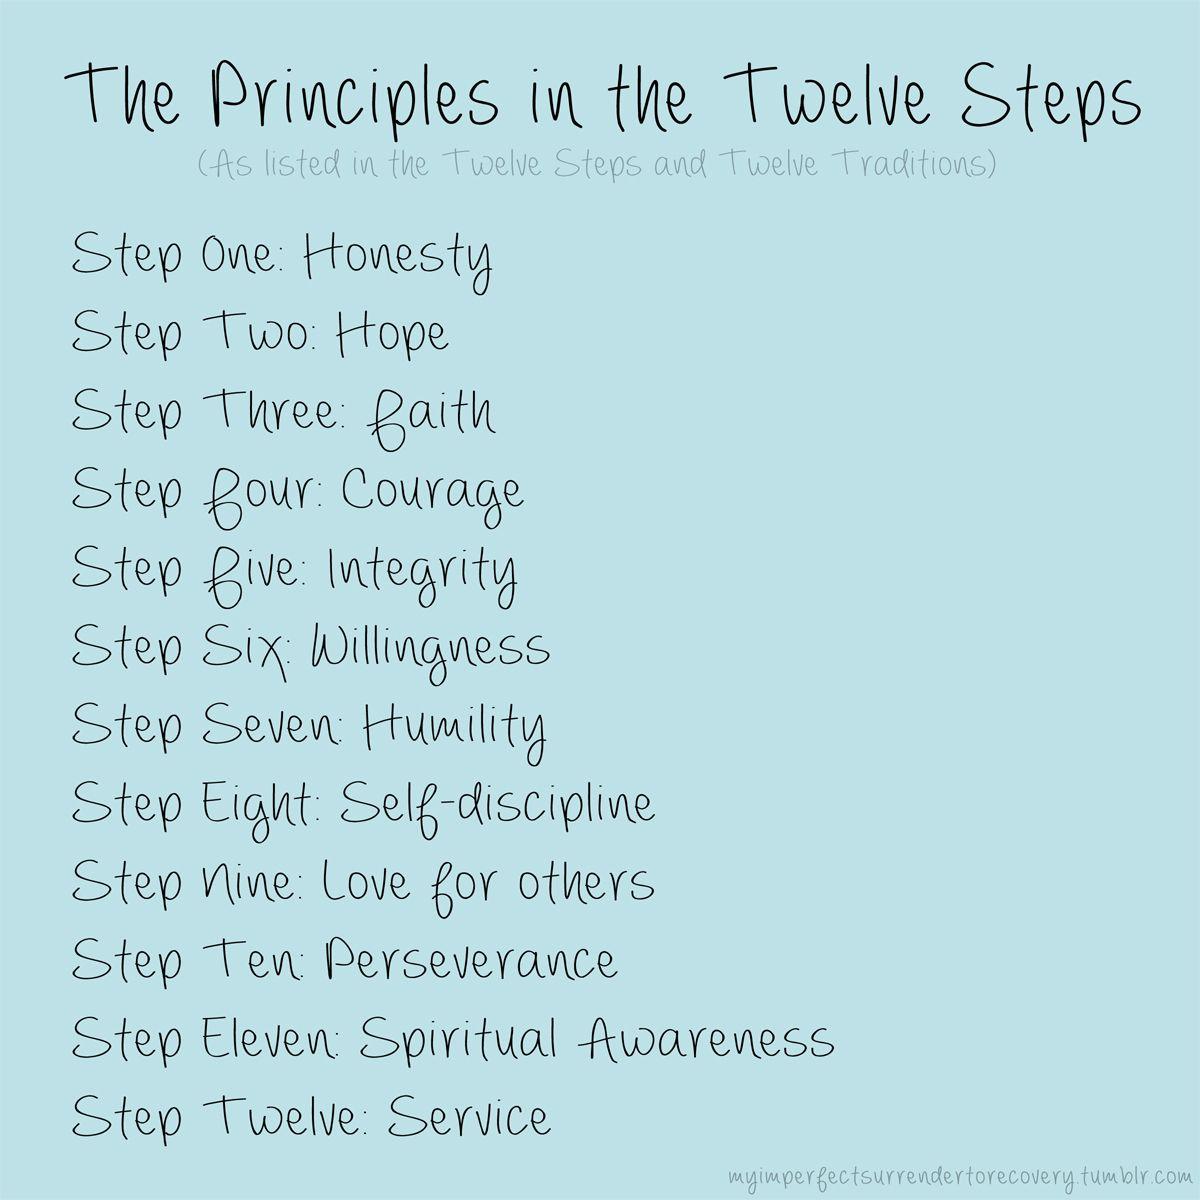 worksheet Na Step One Worksheet the principles in twelve steps aa oa na sa fa recovery sa